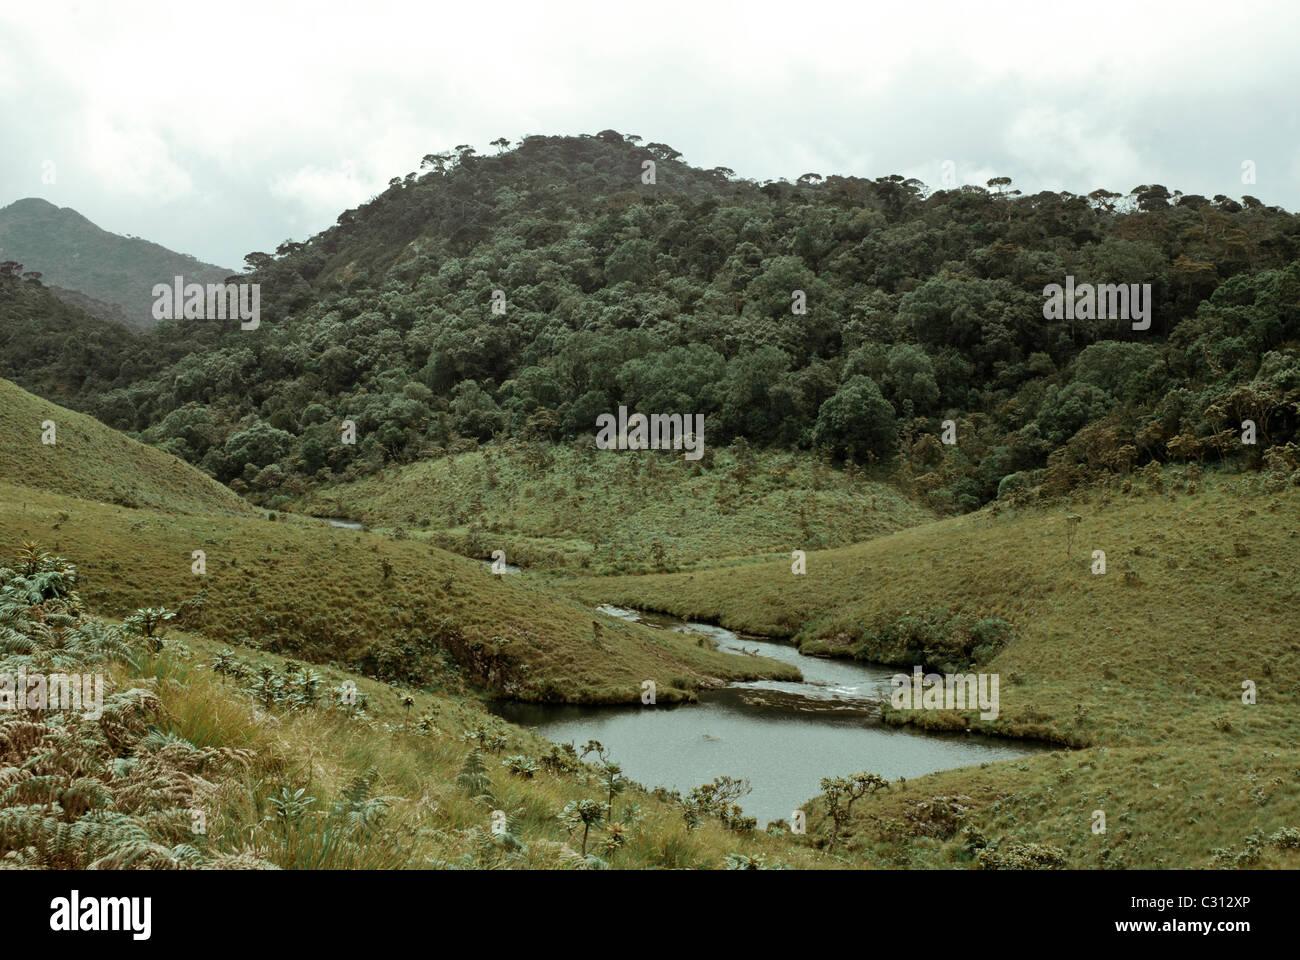 Leg of Mutton [lamb], Sri Lanka, Horton Plains, Creek shaped like a leg of a lamb - Stock Image